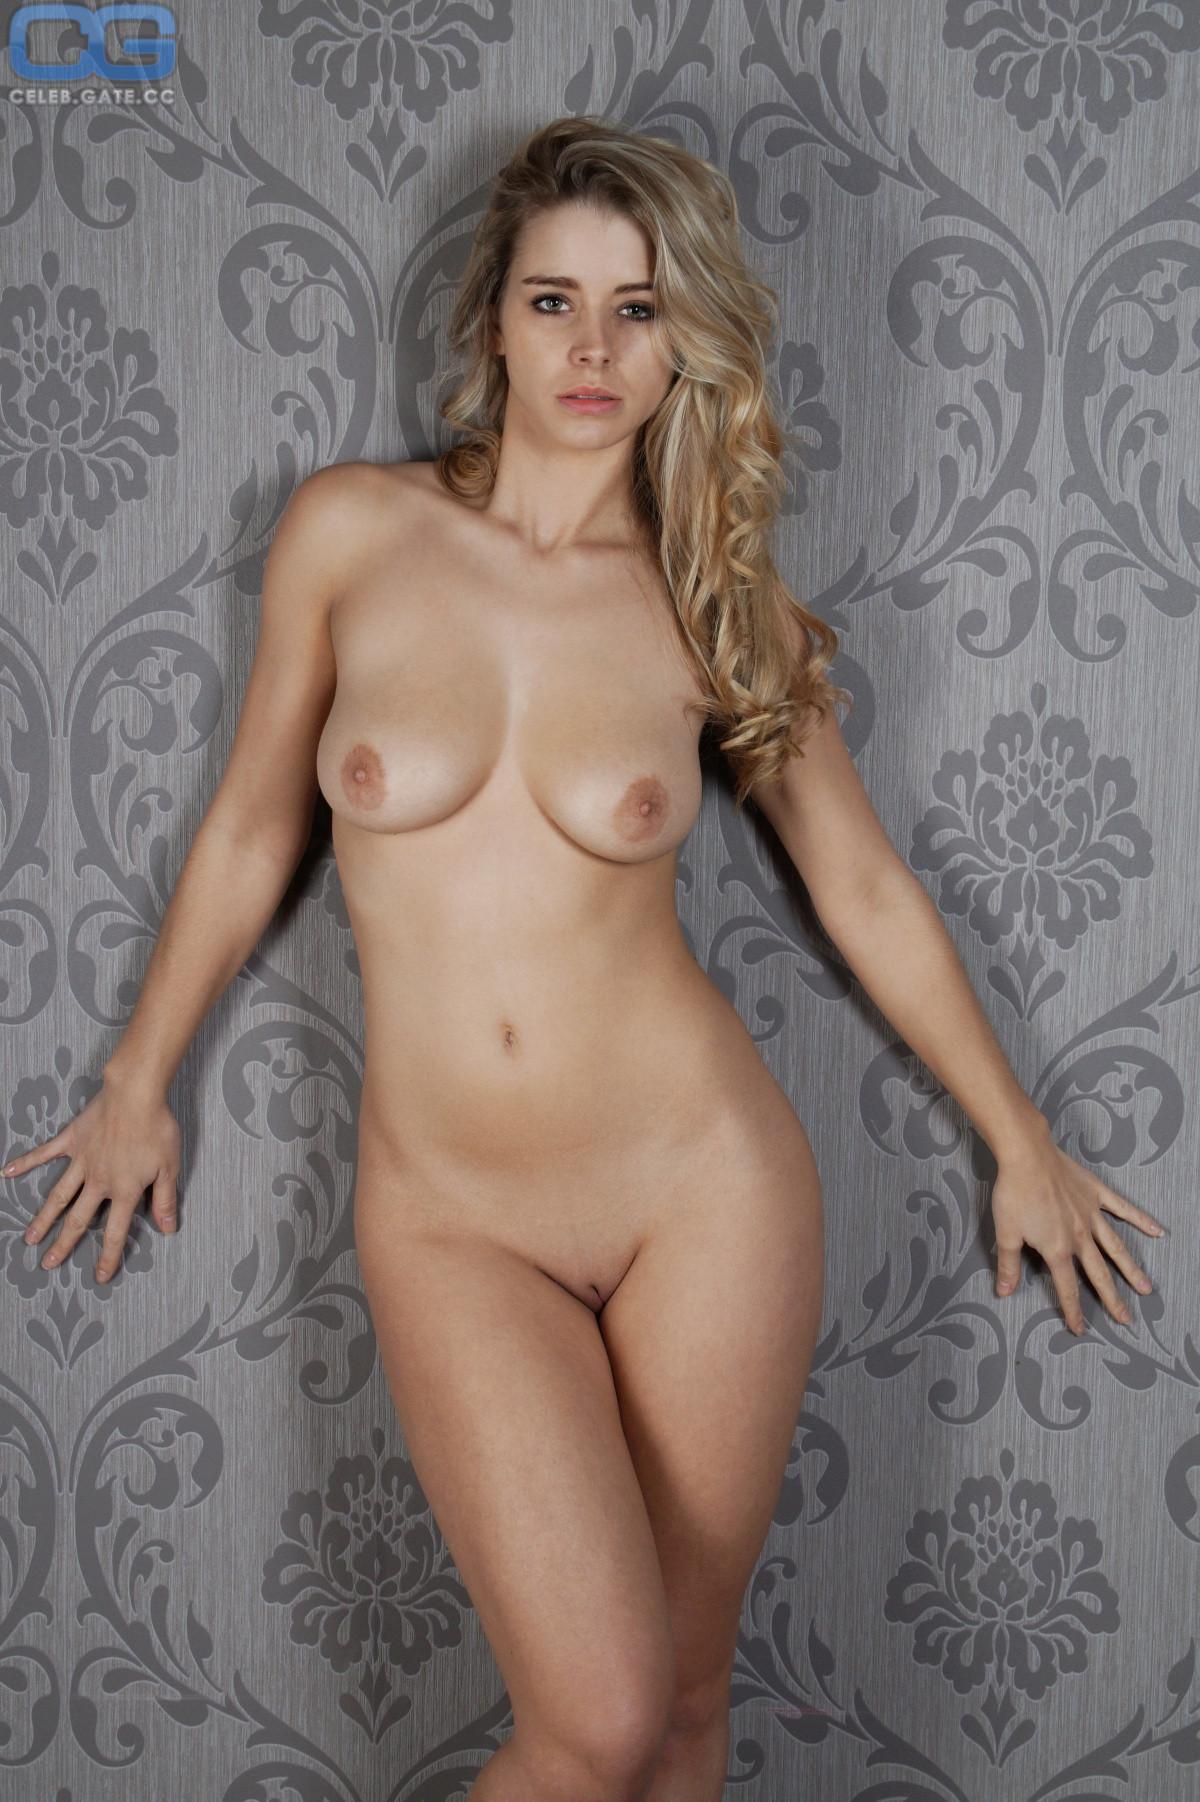 Saskia atzerodt nackt playboy